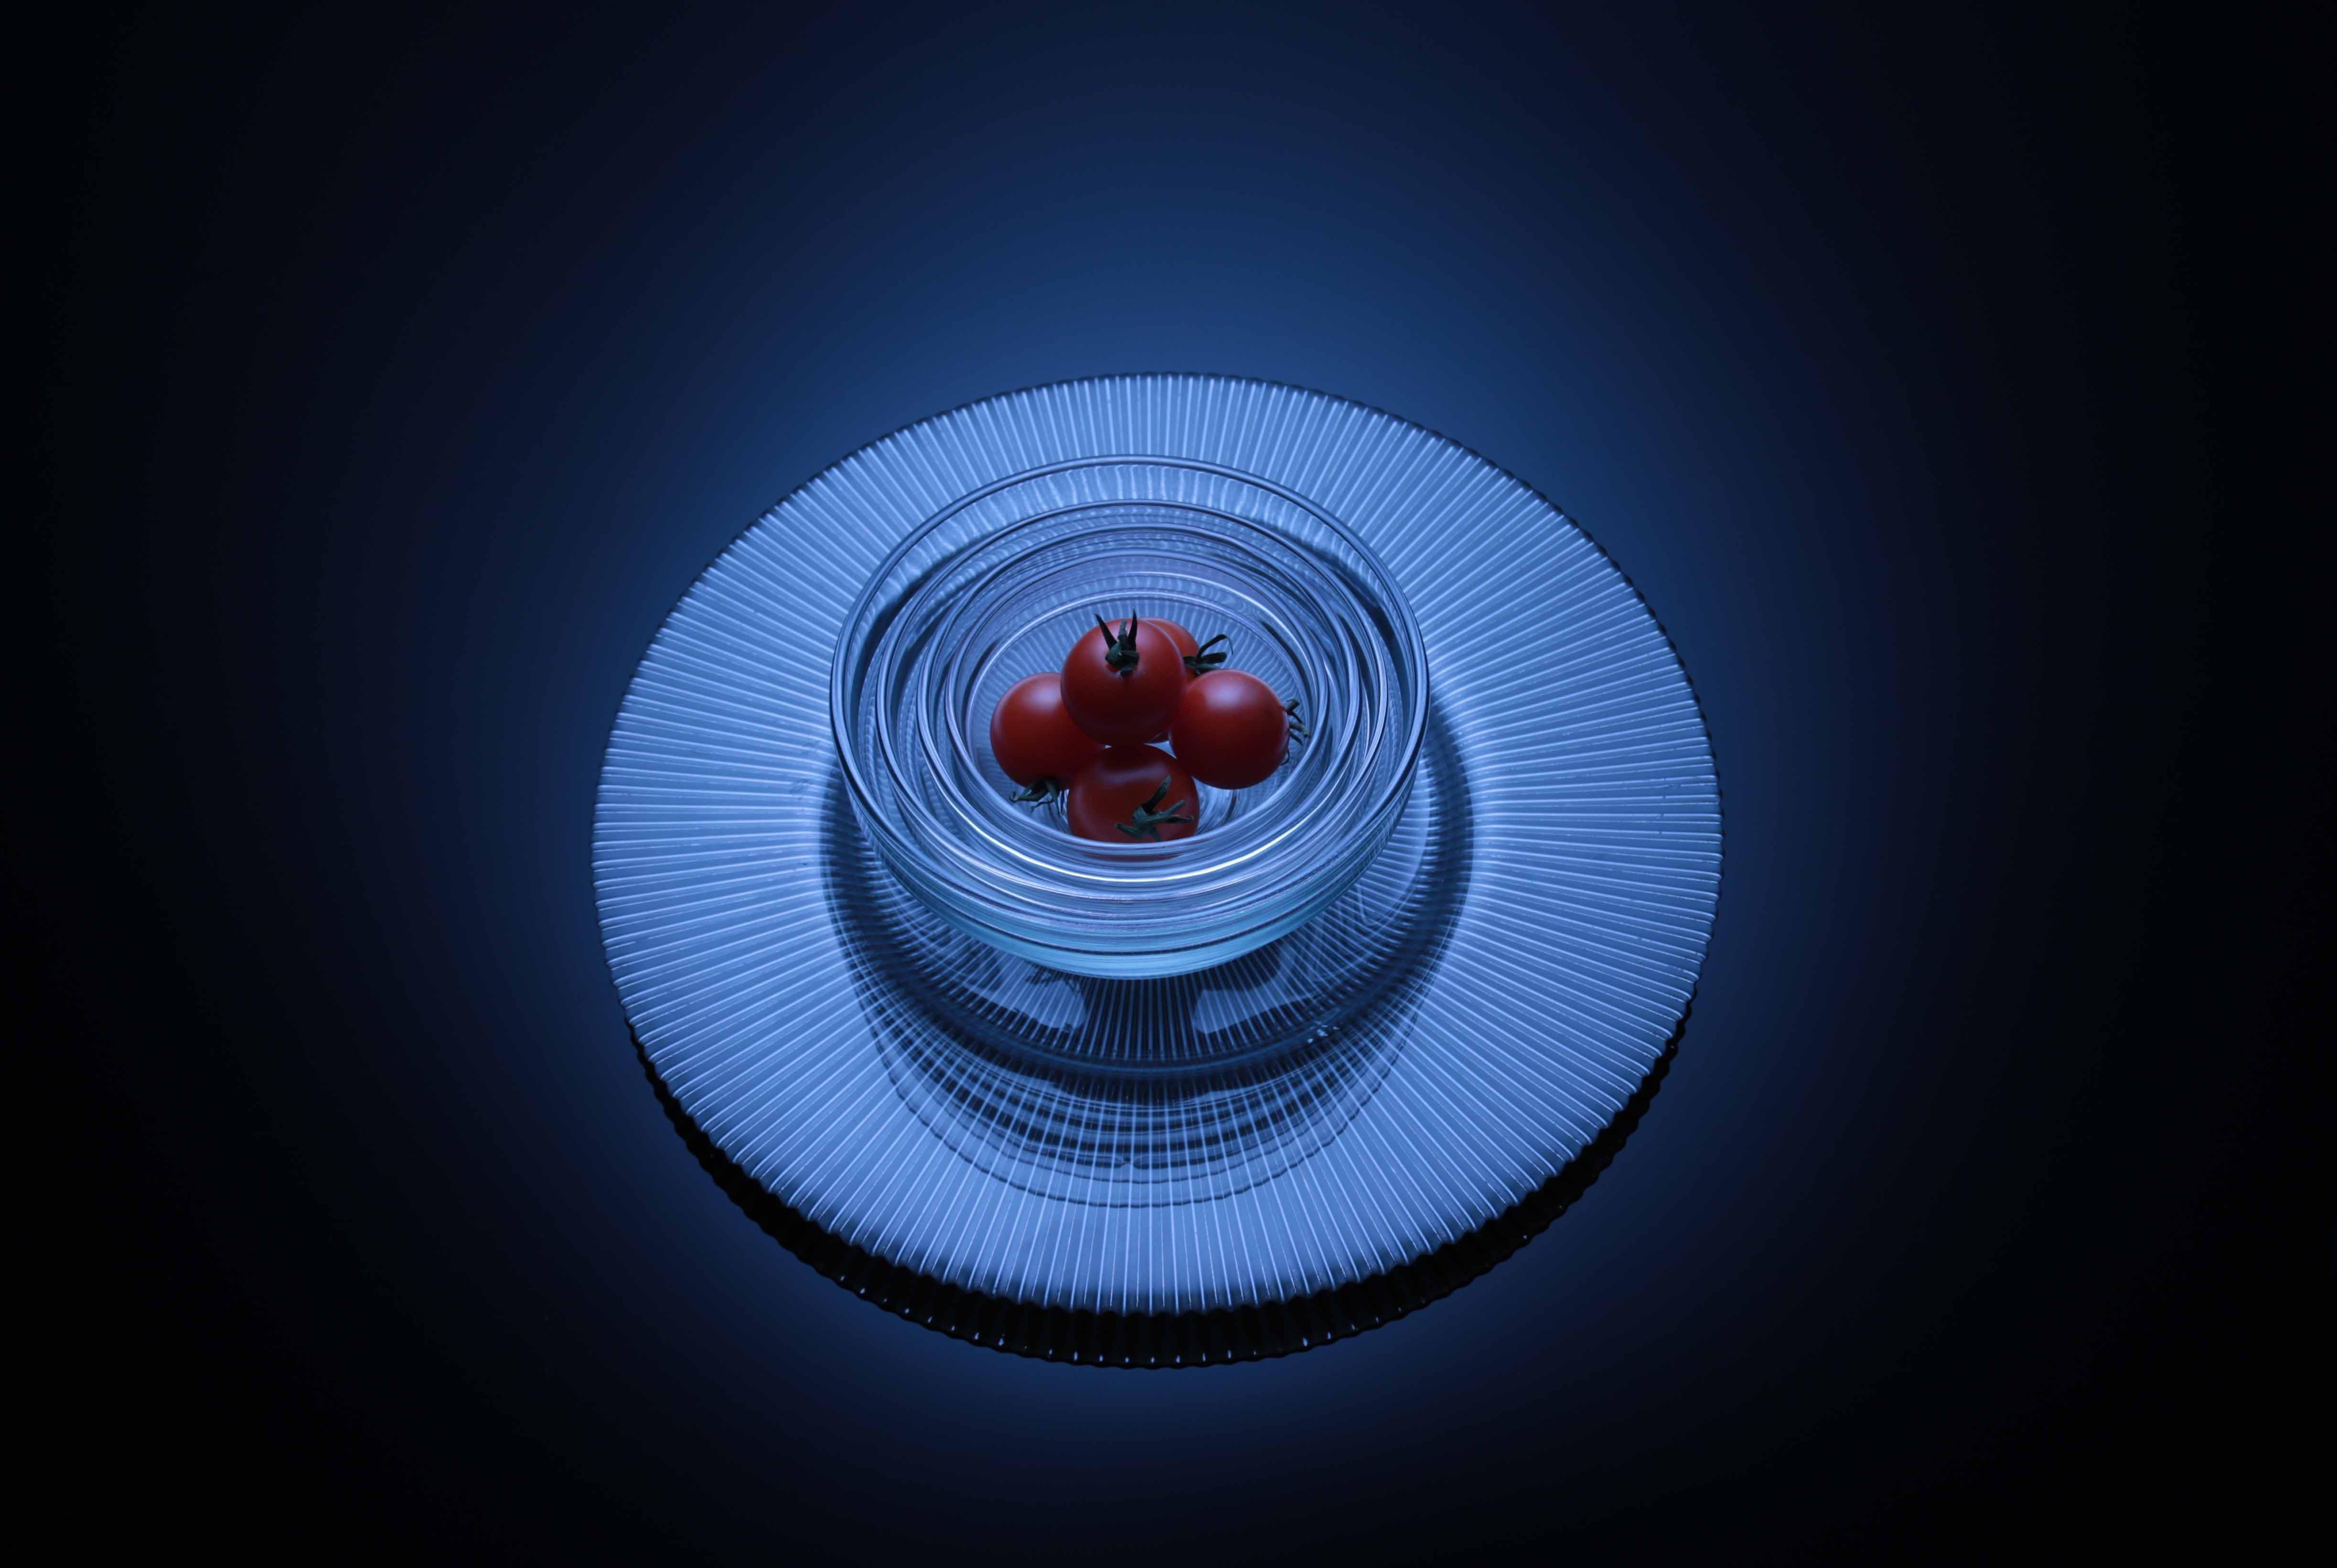 アート, チェリートマト, トマト, 光の無料の写真素材